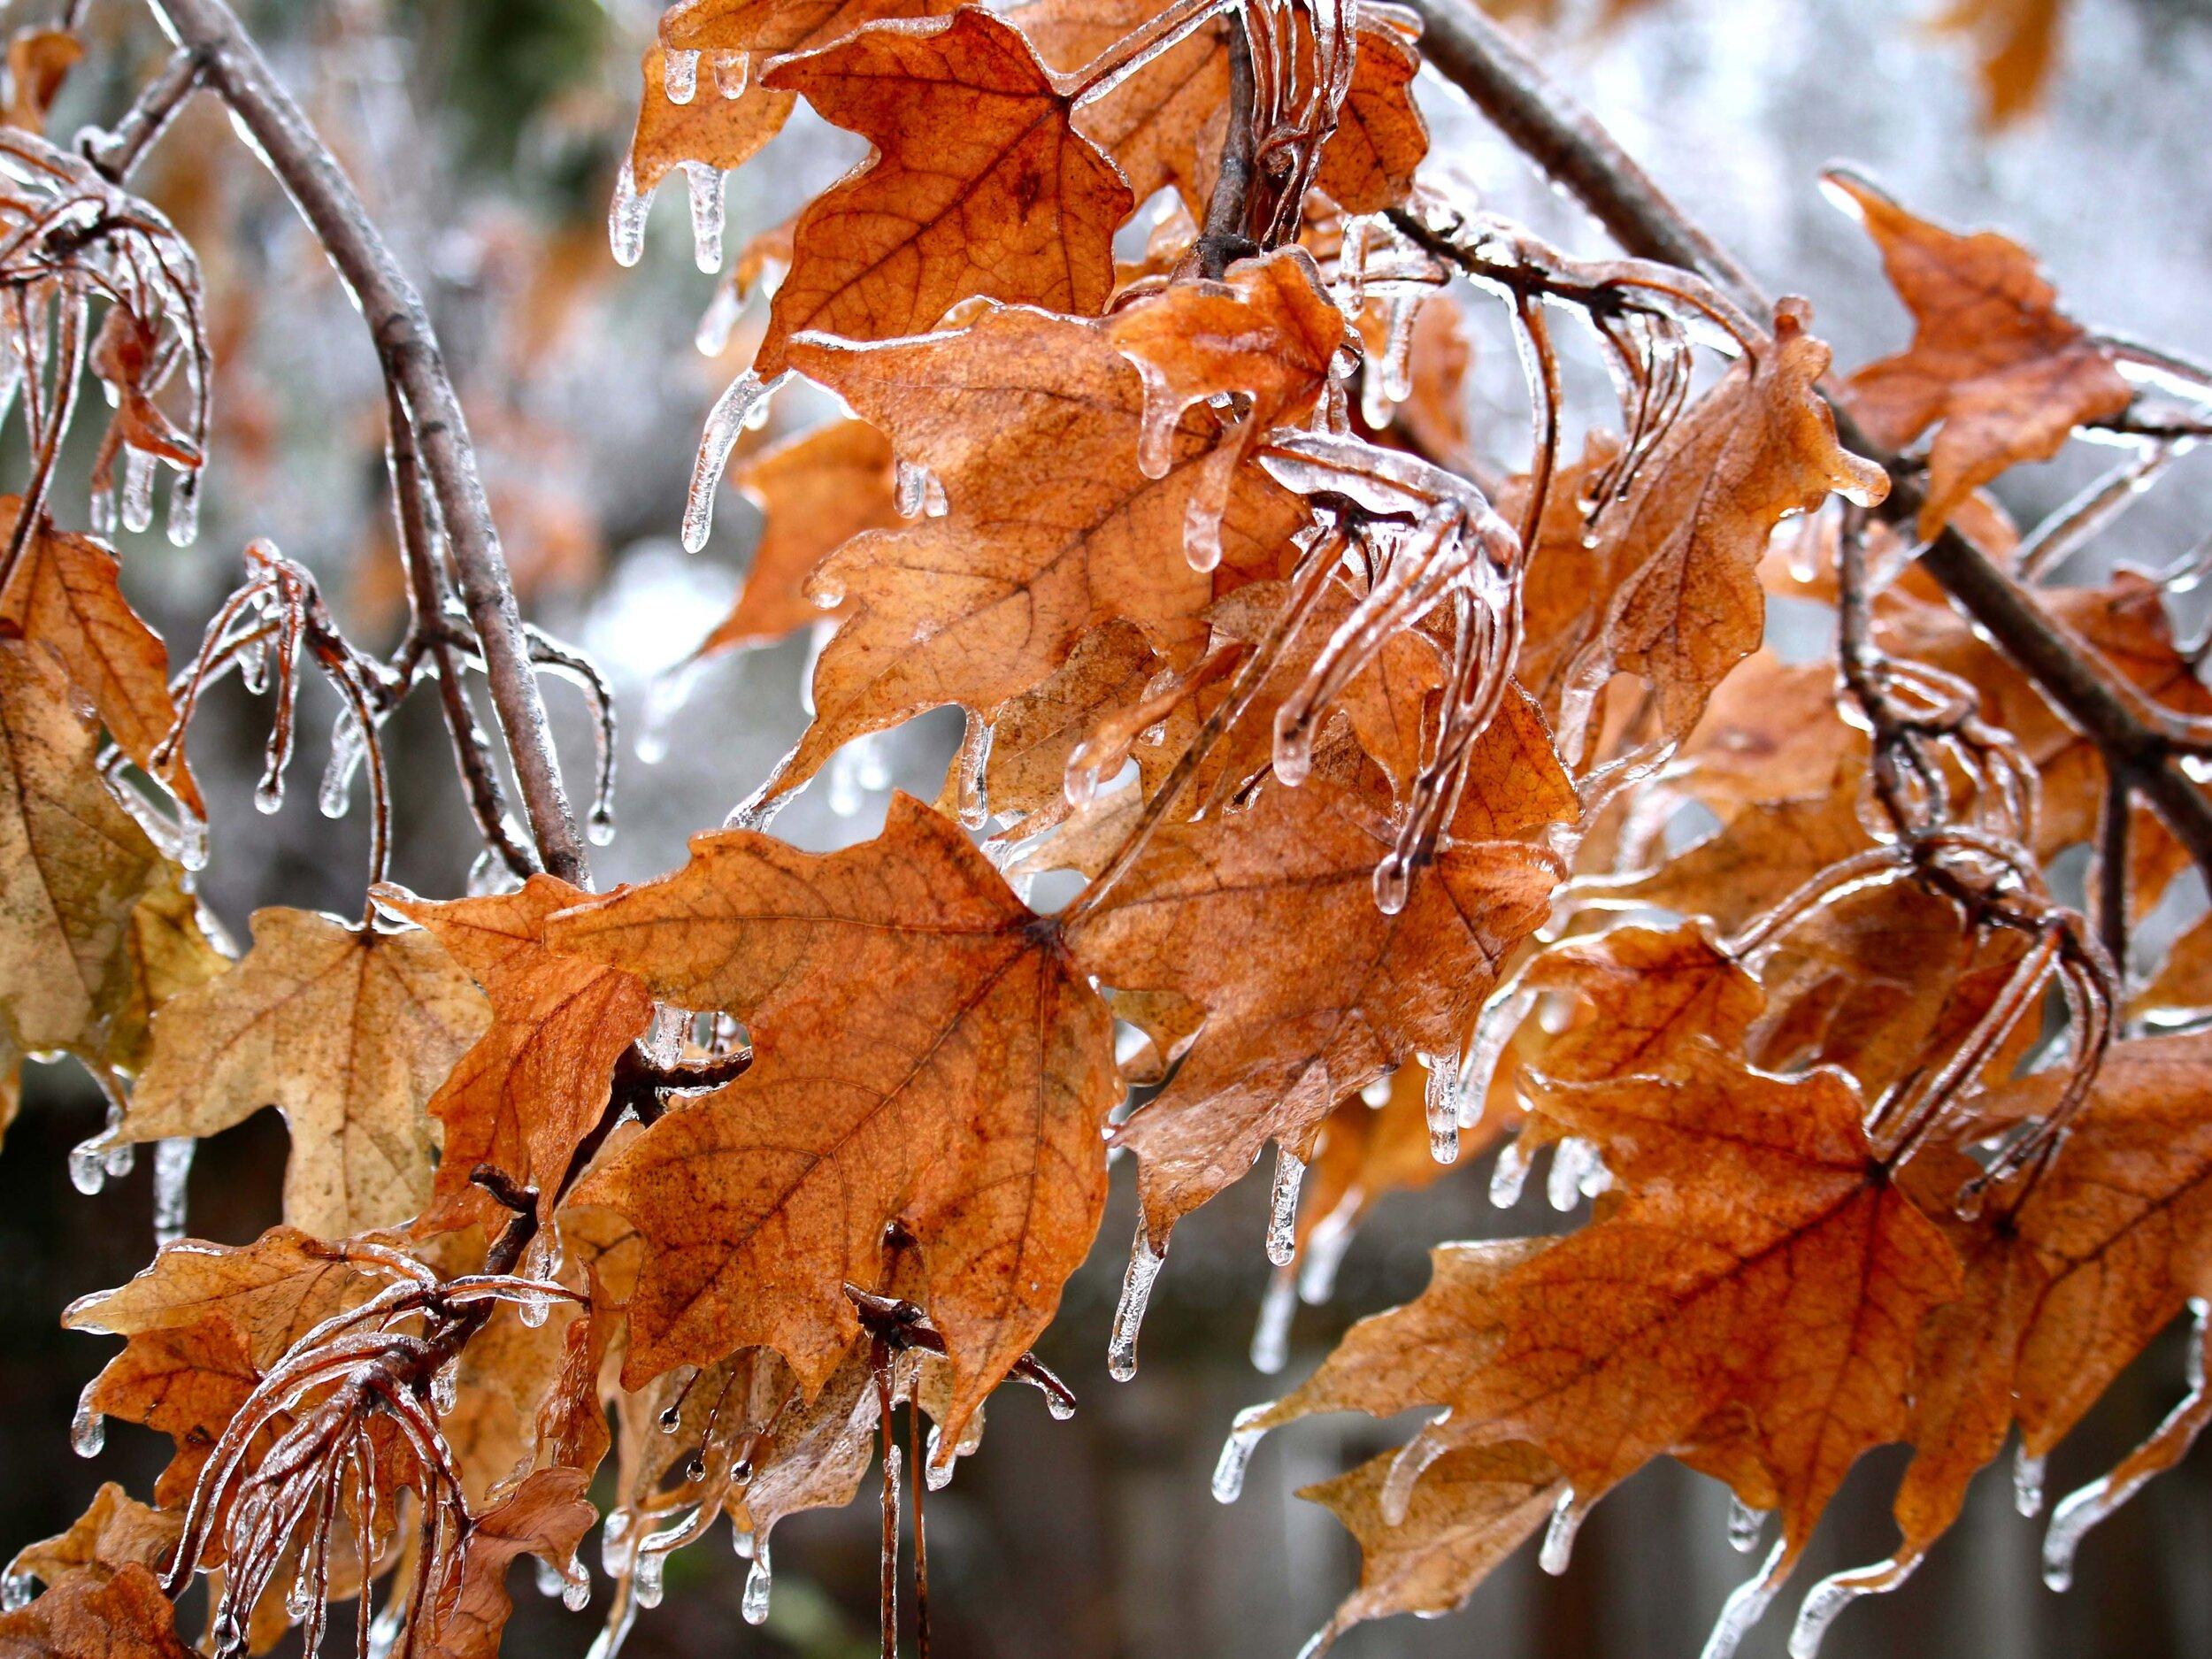 4x3 ice-coated-leaves_4460x4460.jpg